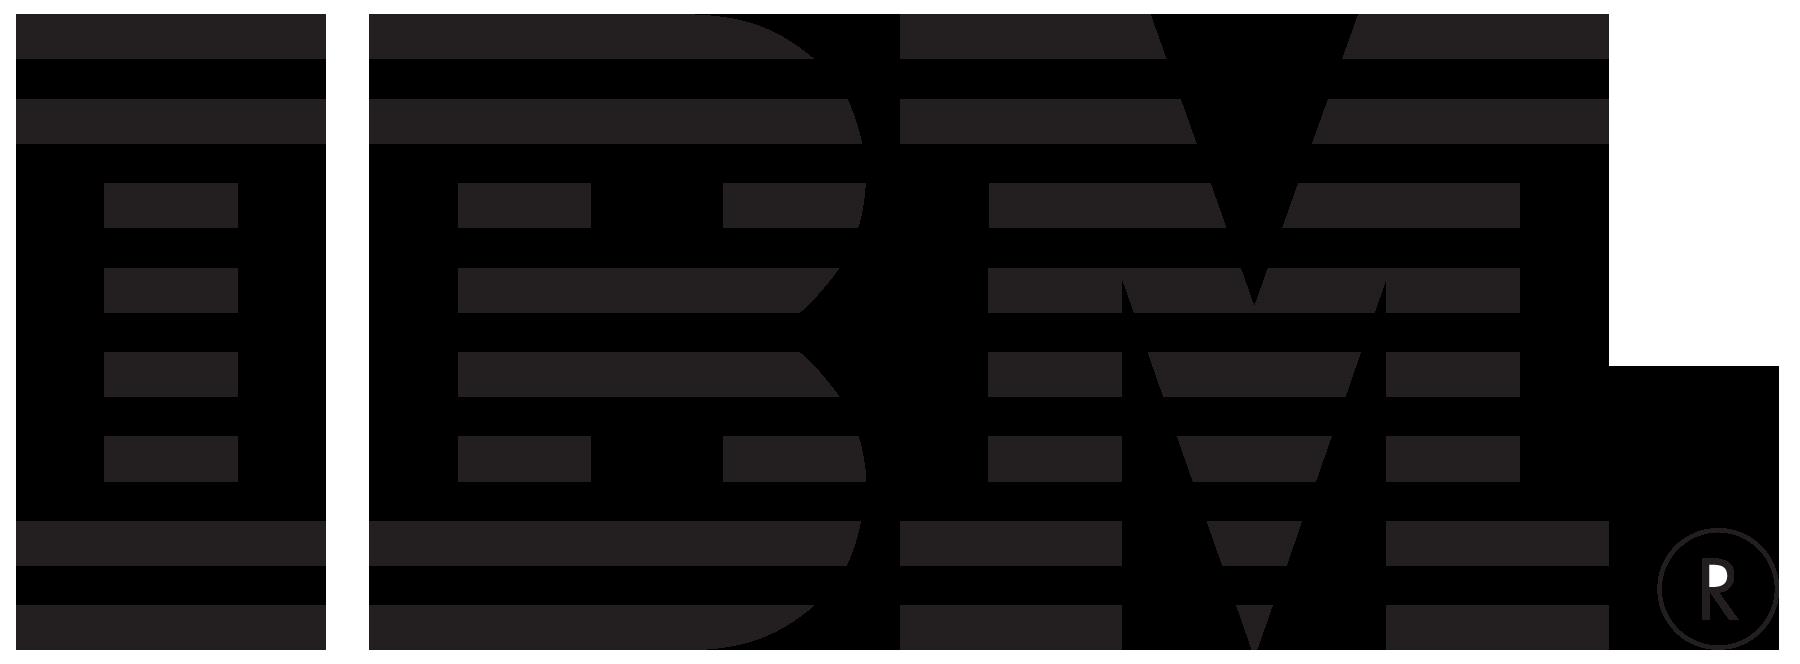 Ibm_logo-3.png